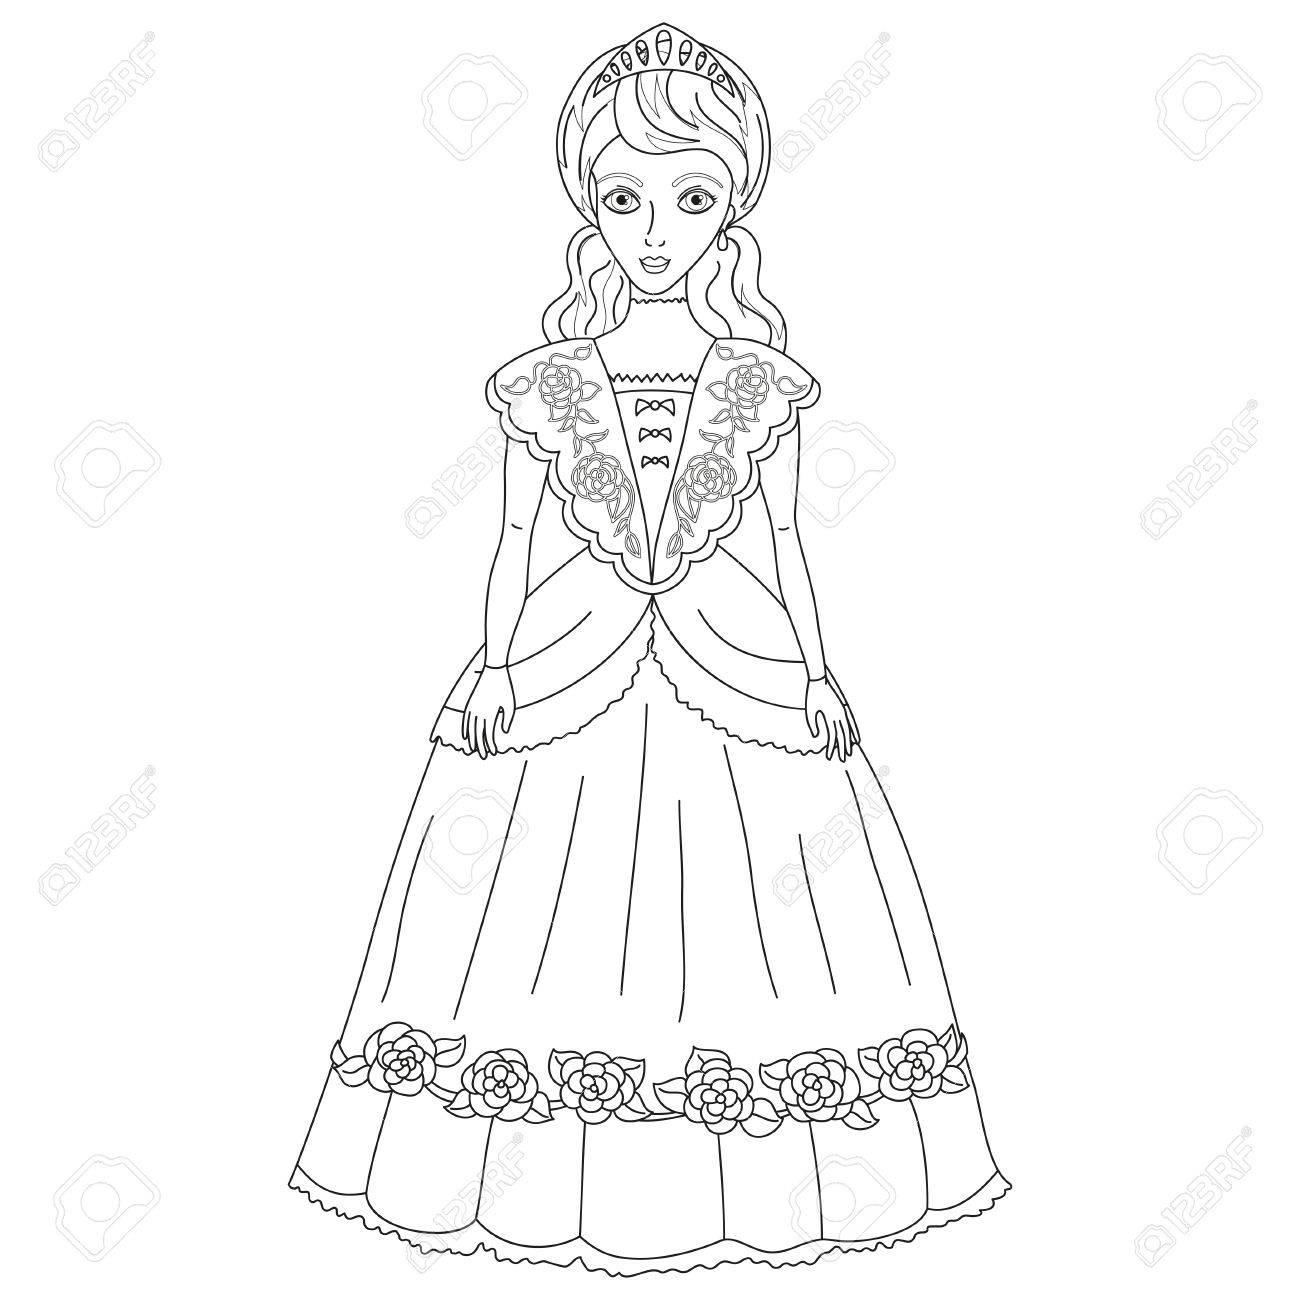 子供のための本ページを着色古代ドレス 19 世紀かわいい女性貴婦人の